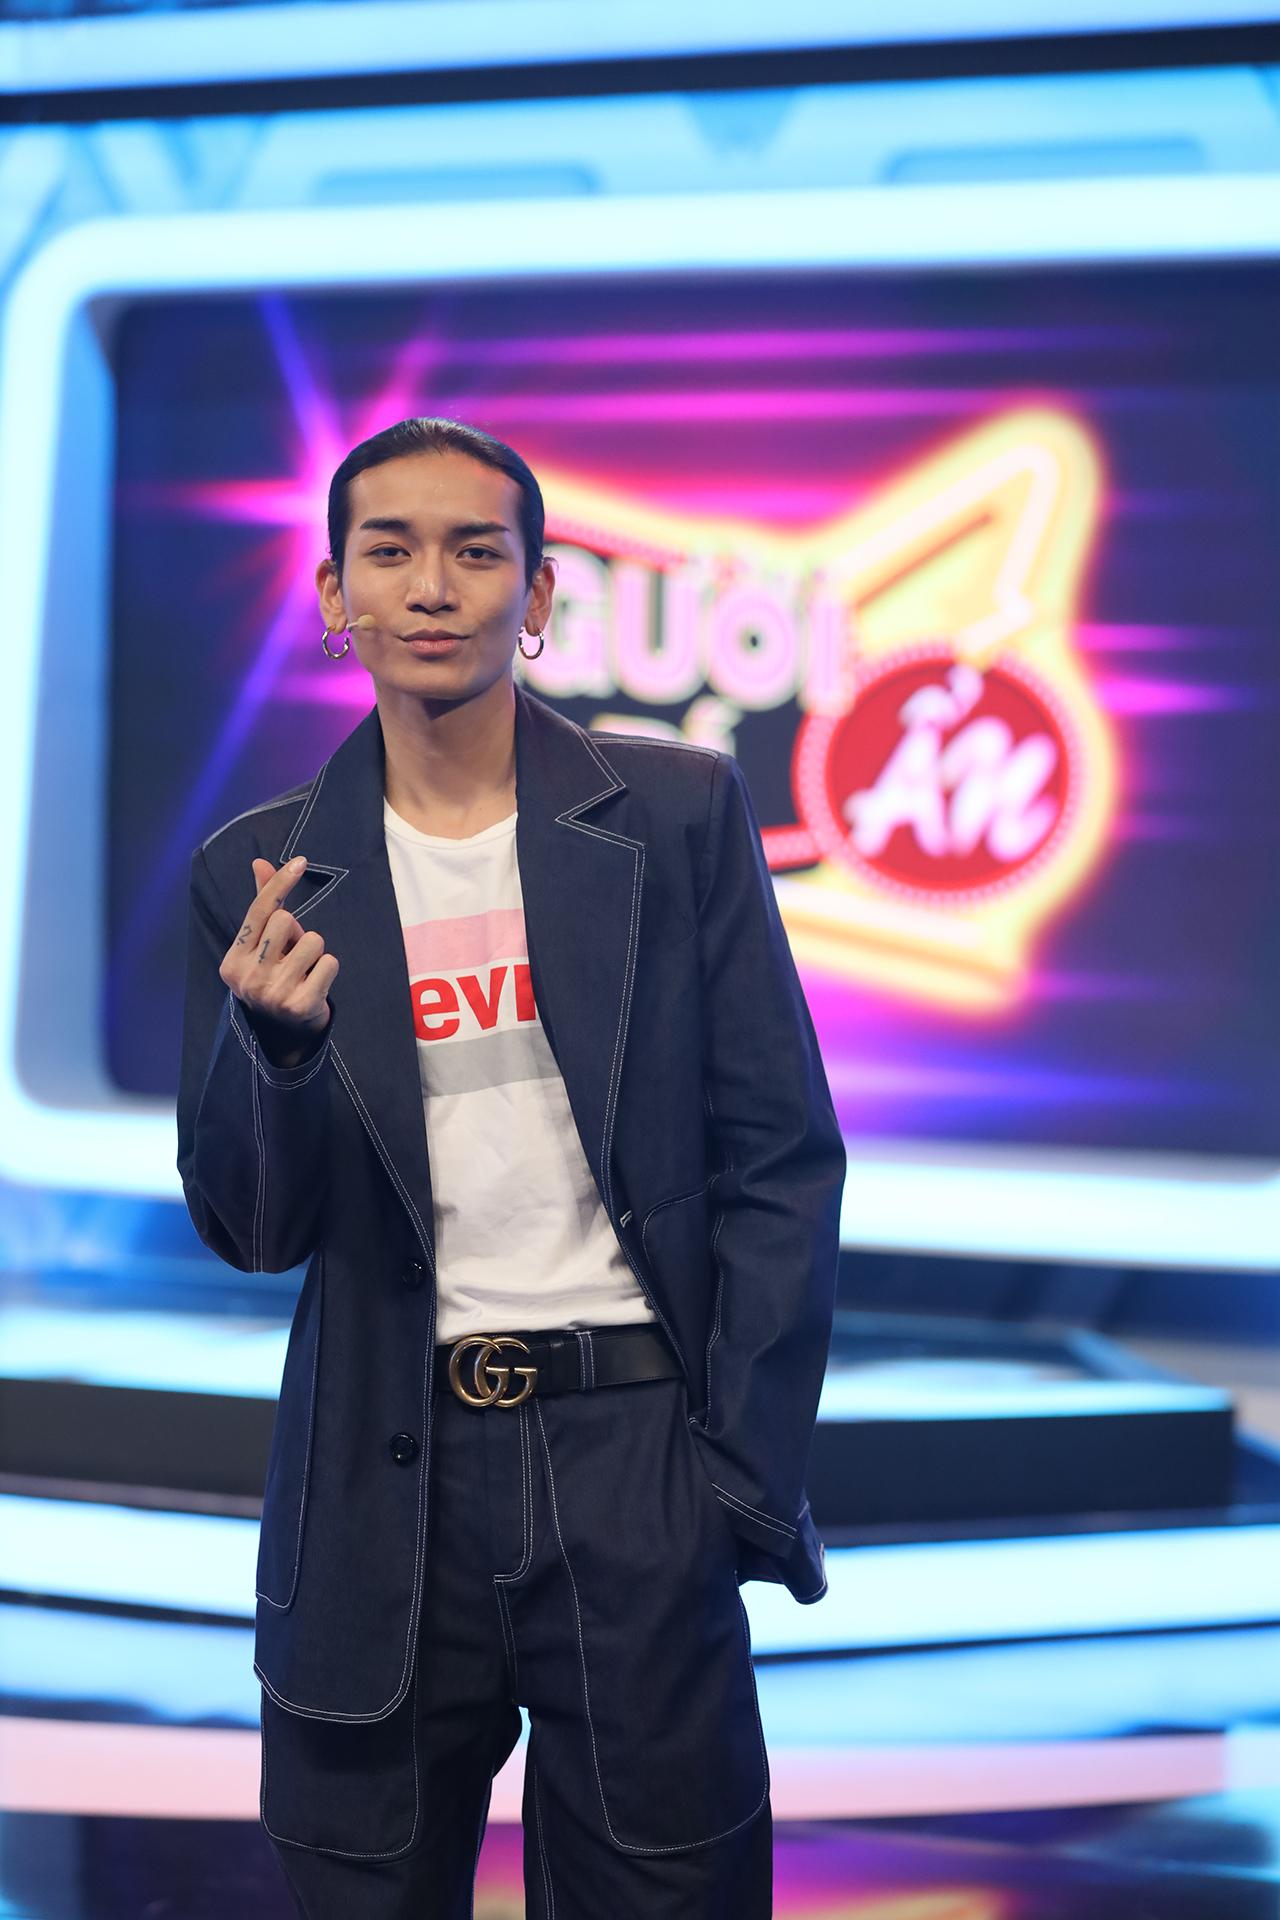 Mặc kệ BB Trần và MC Trường Giang dìm hàng, Trấn Thành tự tin mặc áo in hình đuông dừa xuất hiện tại Người bí ẩn